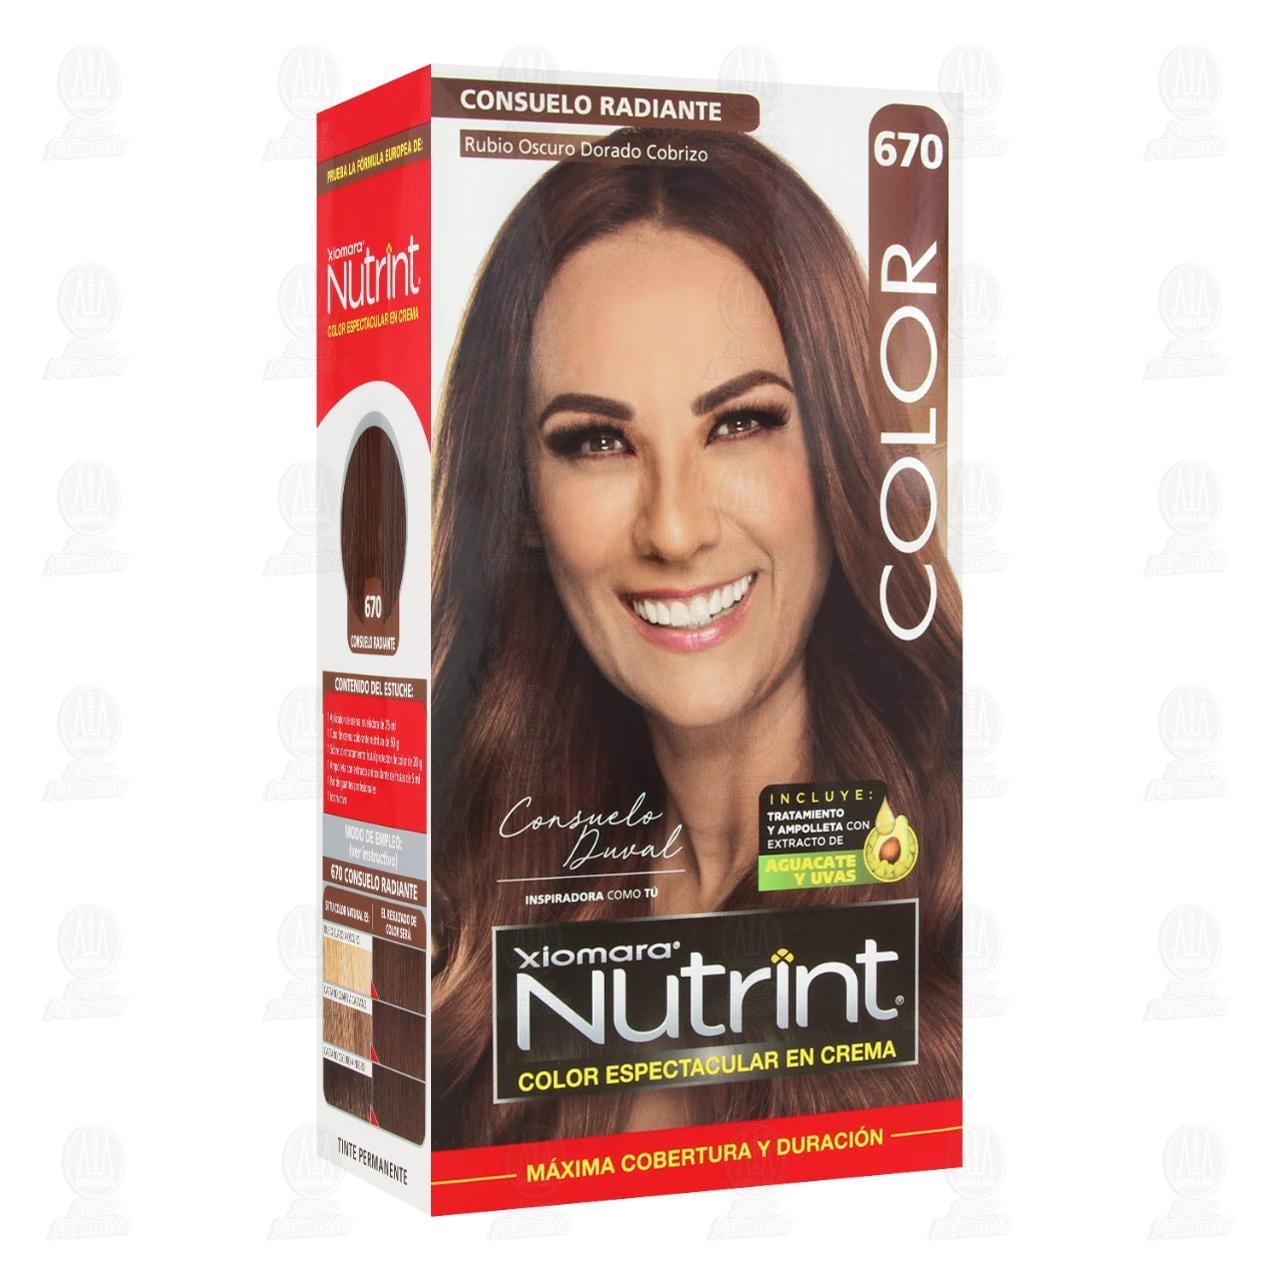 comprar https://www.movil.farmaciasguadalajara.com/wcsstore/FGCAS/wcs/products/1000837_A_1280_AL.jpg en farmacias guadalajara